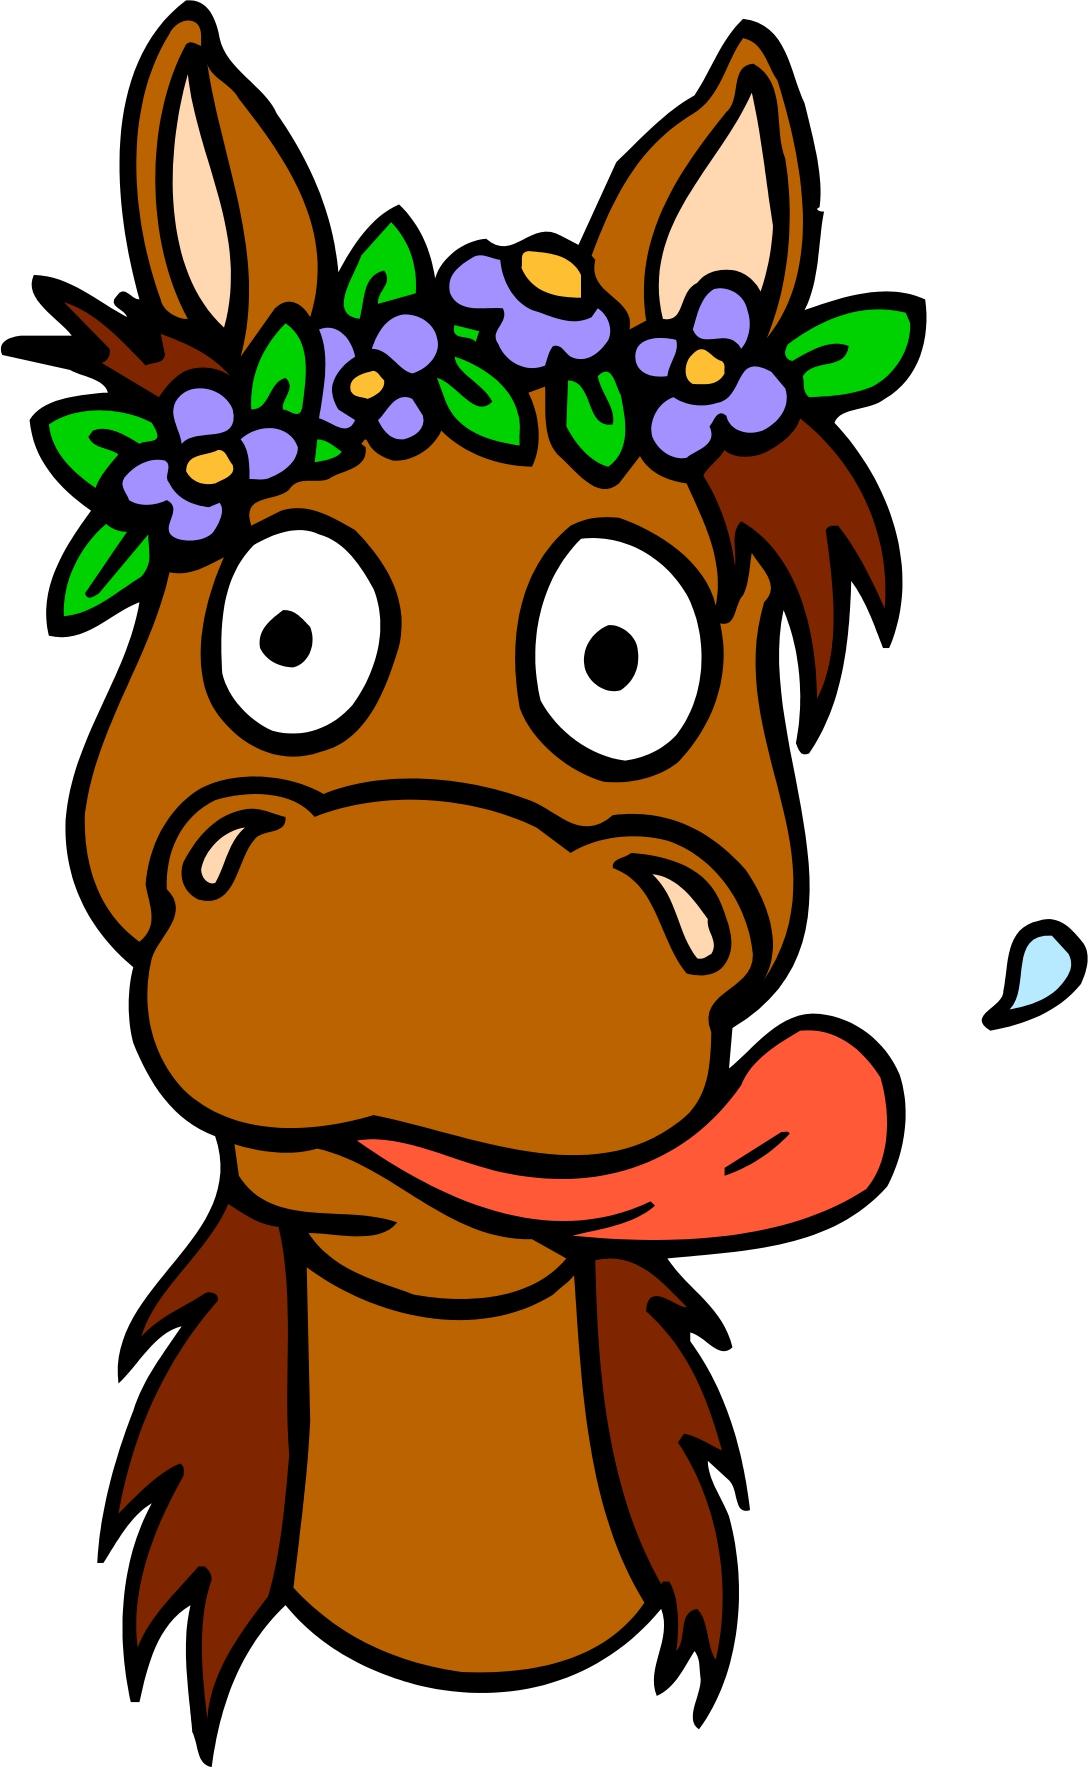 Помириться другом, смешной рисунок головы лошади